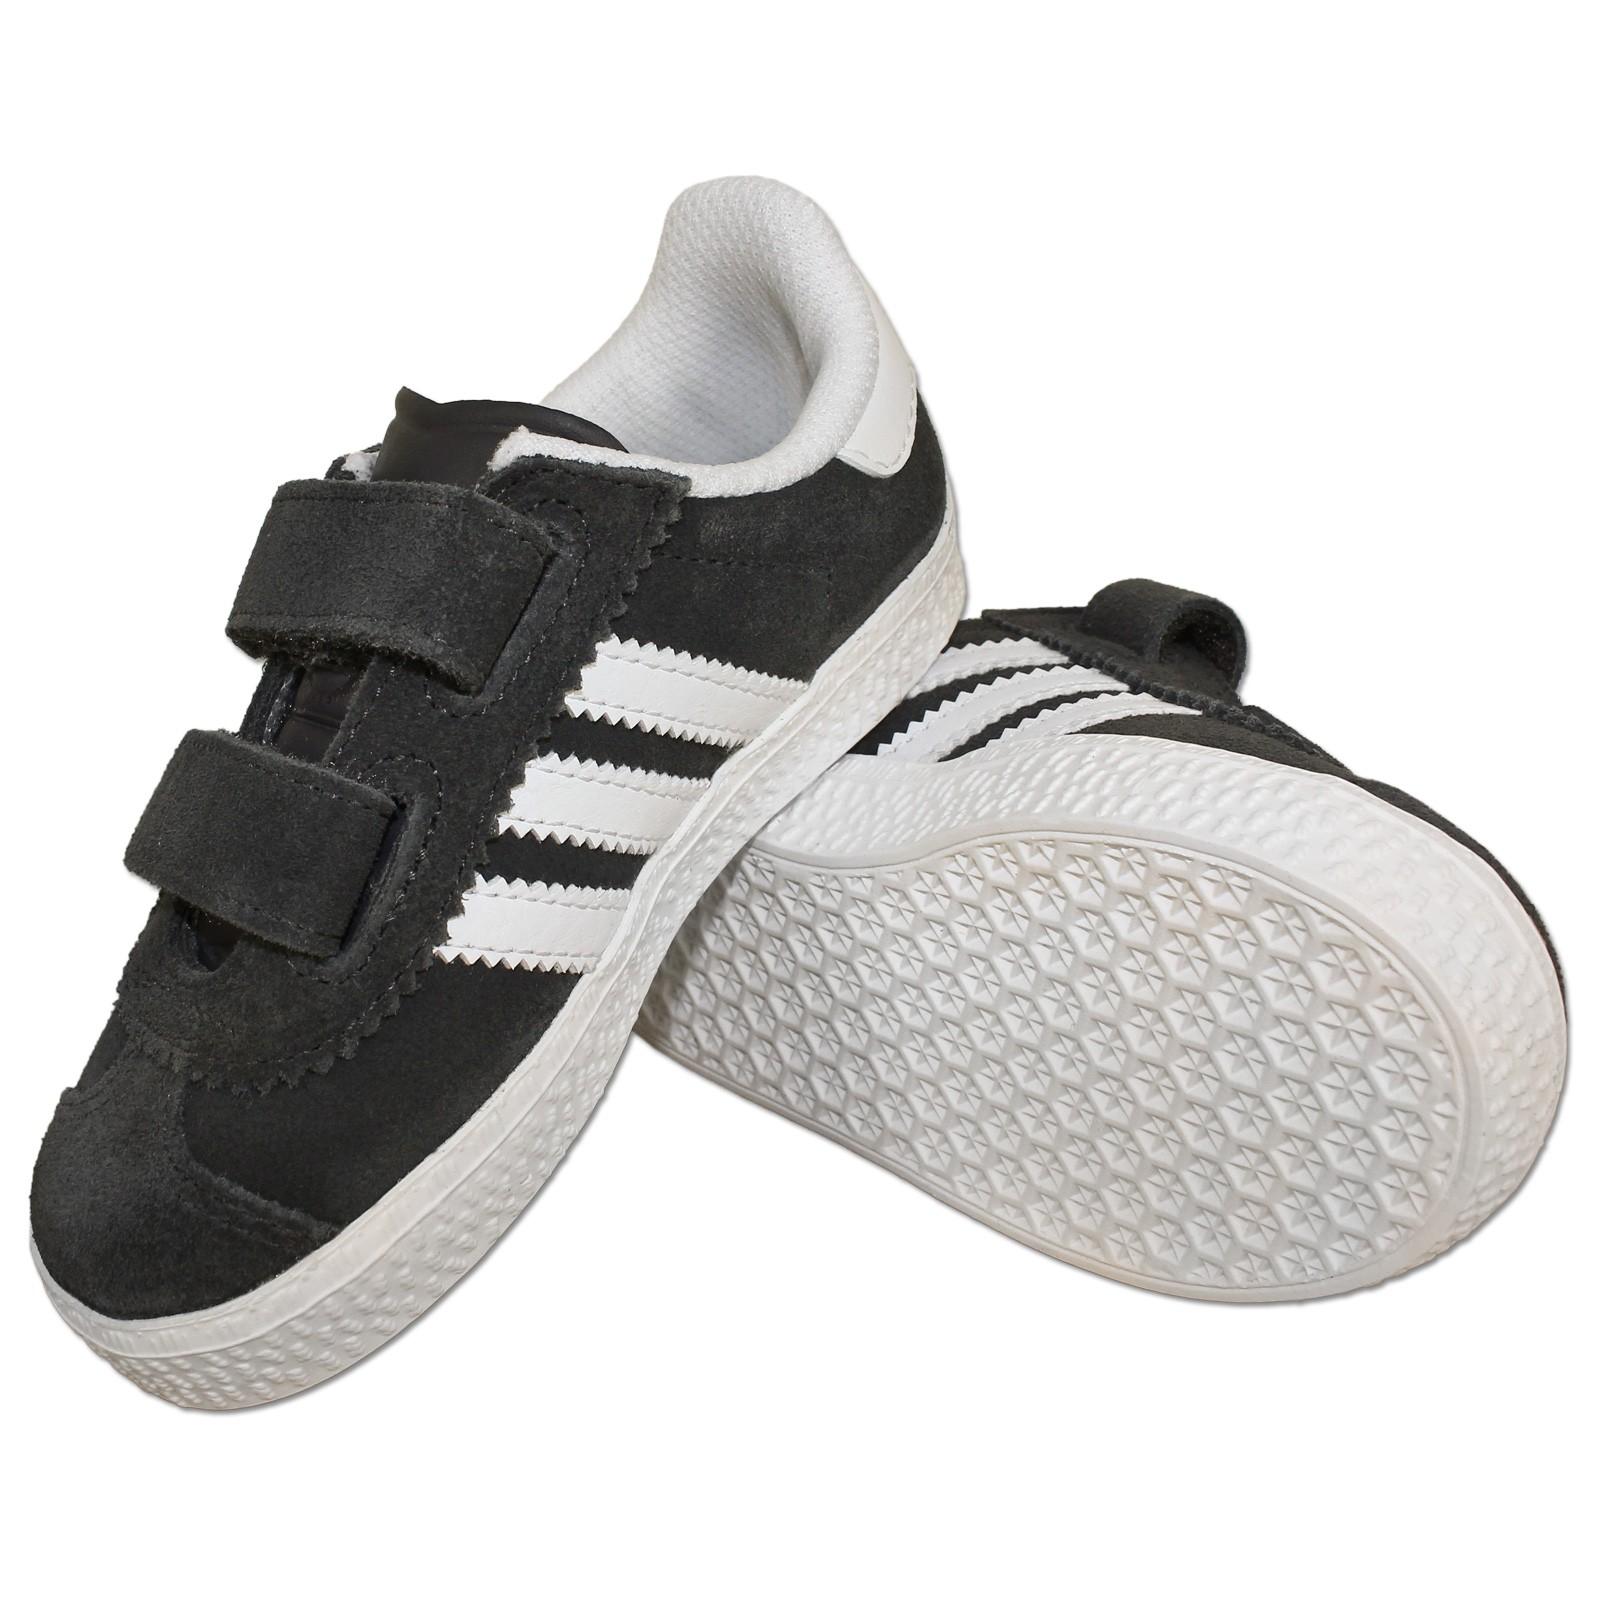 adidas originals gazelle 2 ii kinder sneaker wild leder. Black Bedroom Furniture Sets. Home Design Ideas